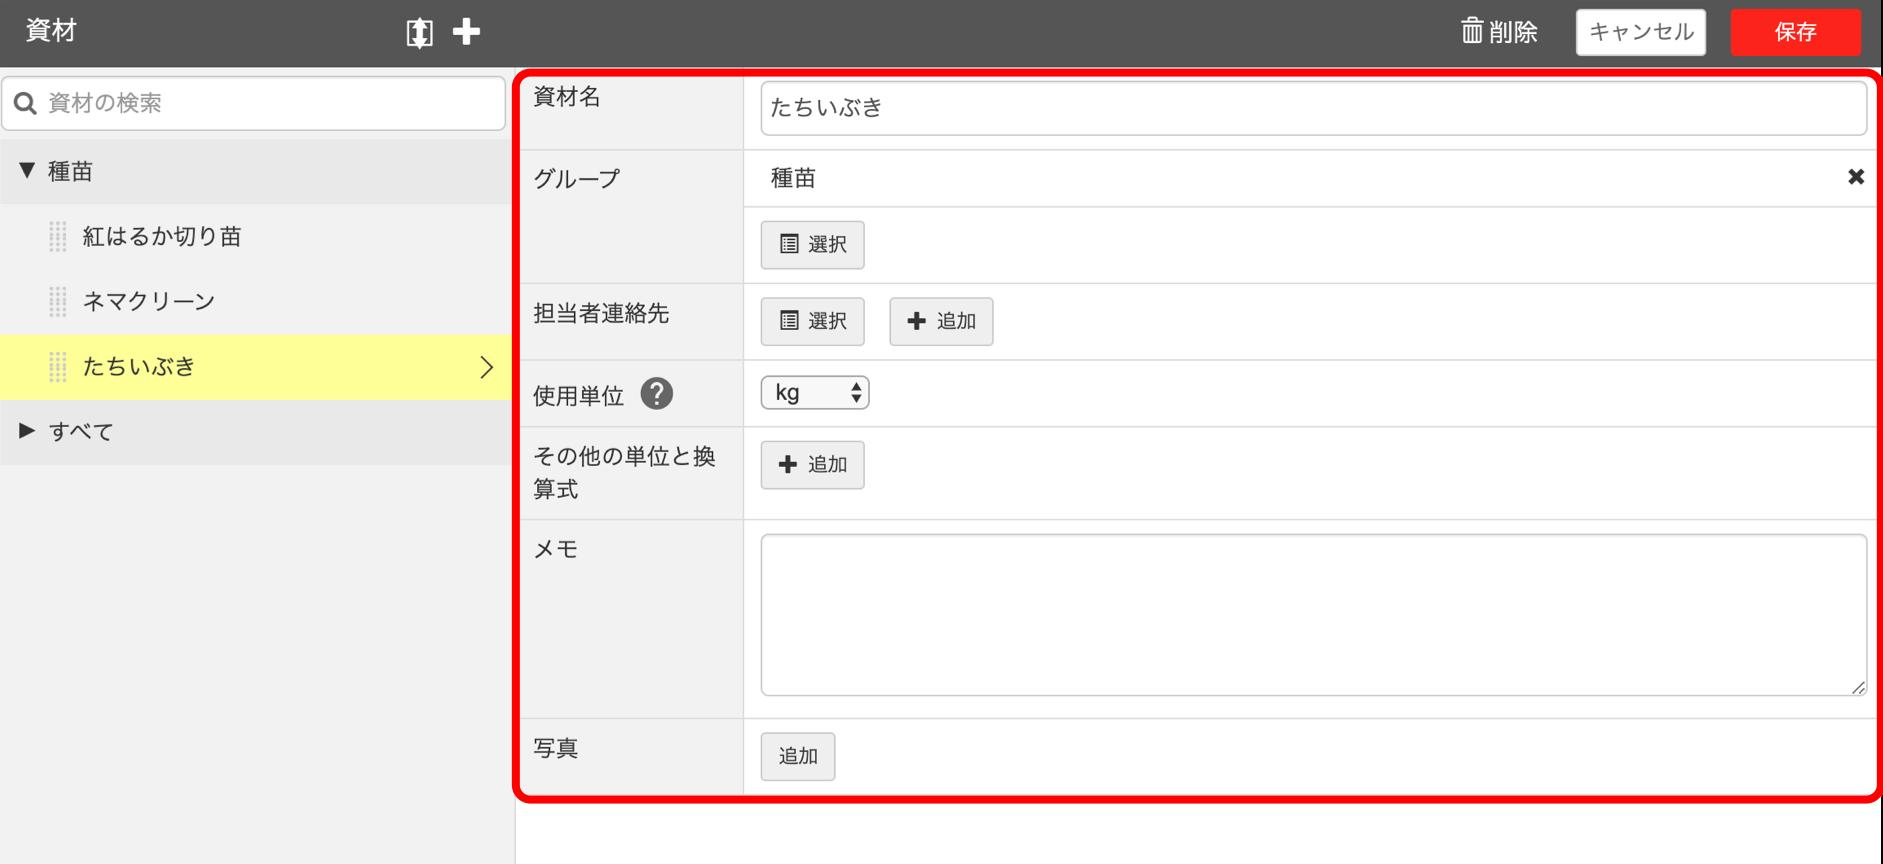 設定画面の構成について_詳細表示画面